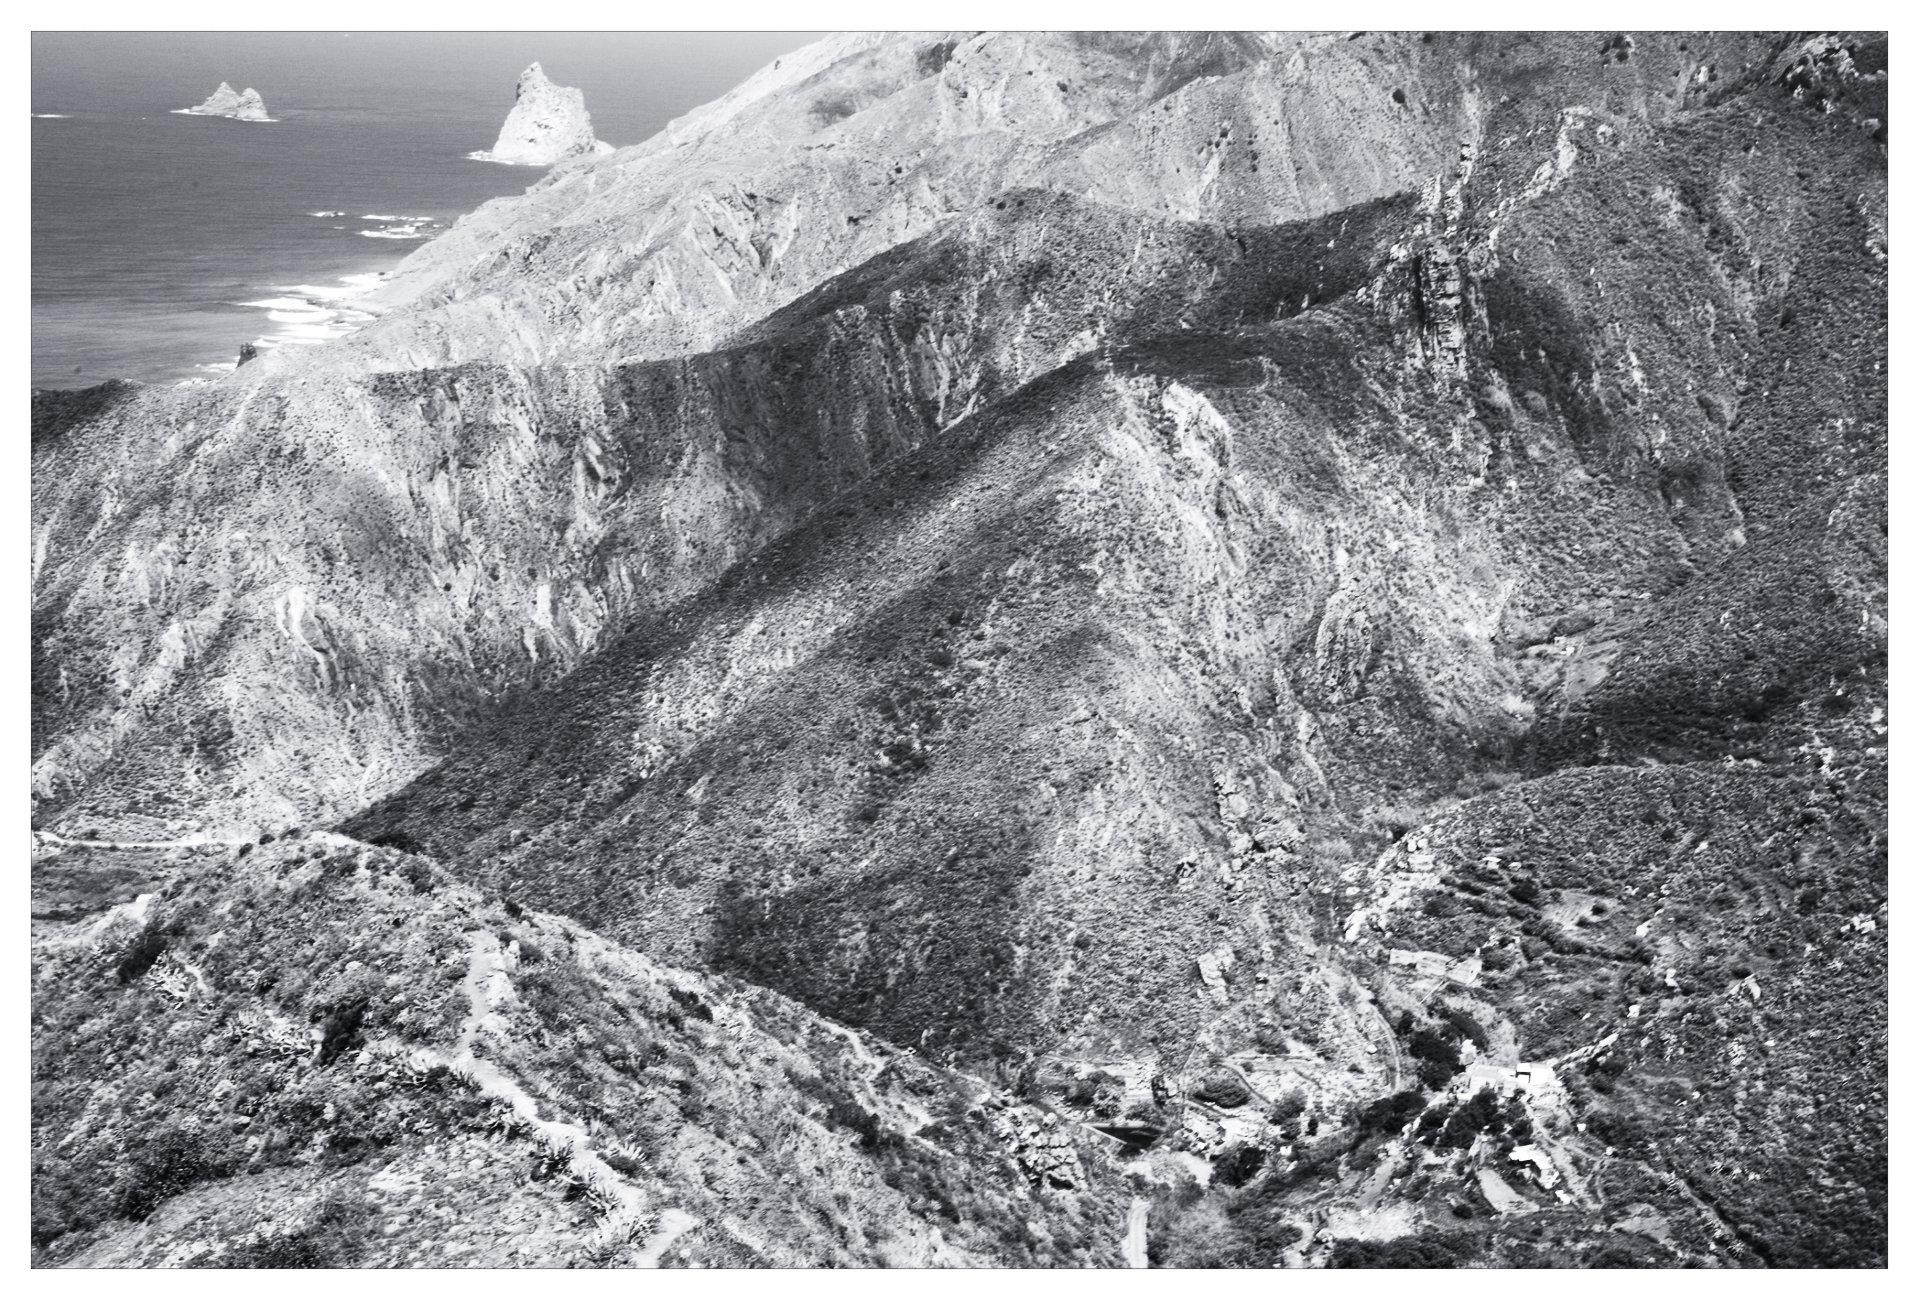 una casa de campo, montañas y el océano Atlántico